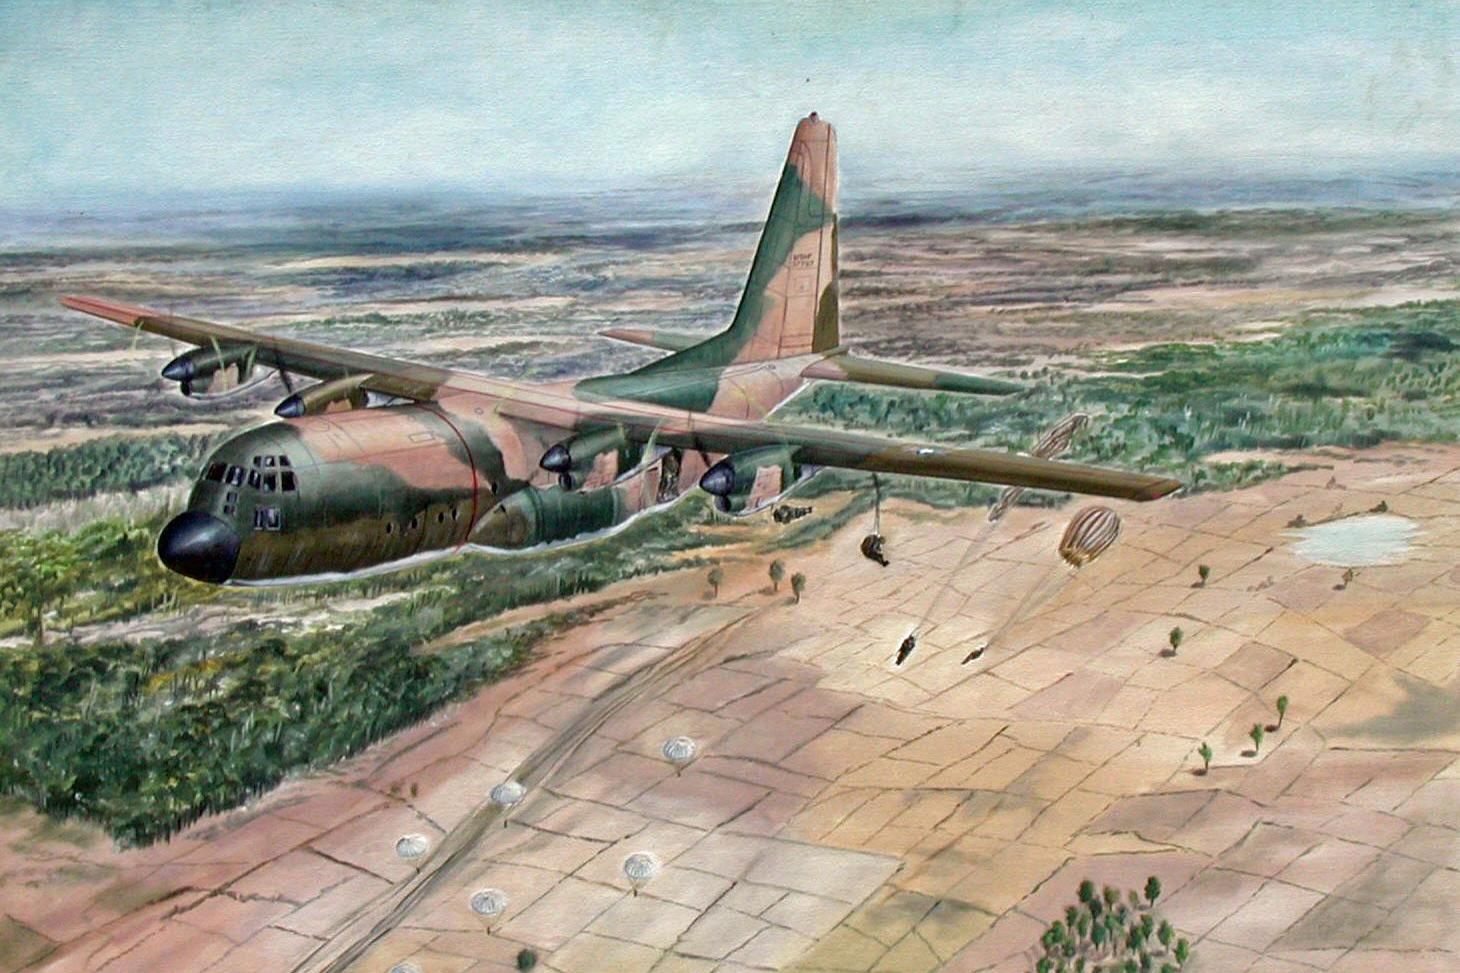 Kết cục bi thảm của chiến dịch đổ bộ đường không lớn nhất Chiến tranh Việt Nam